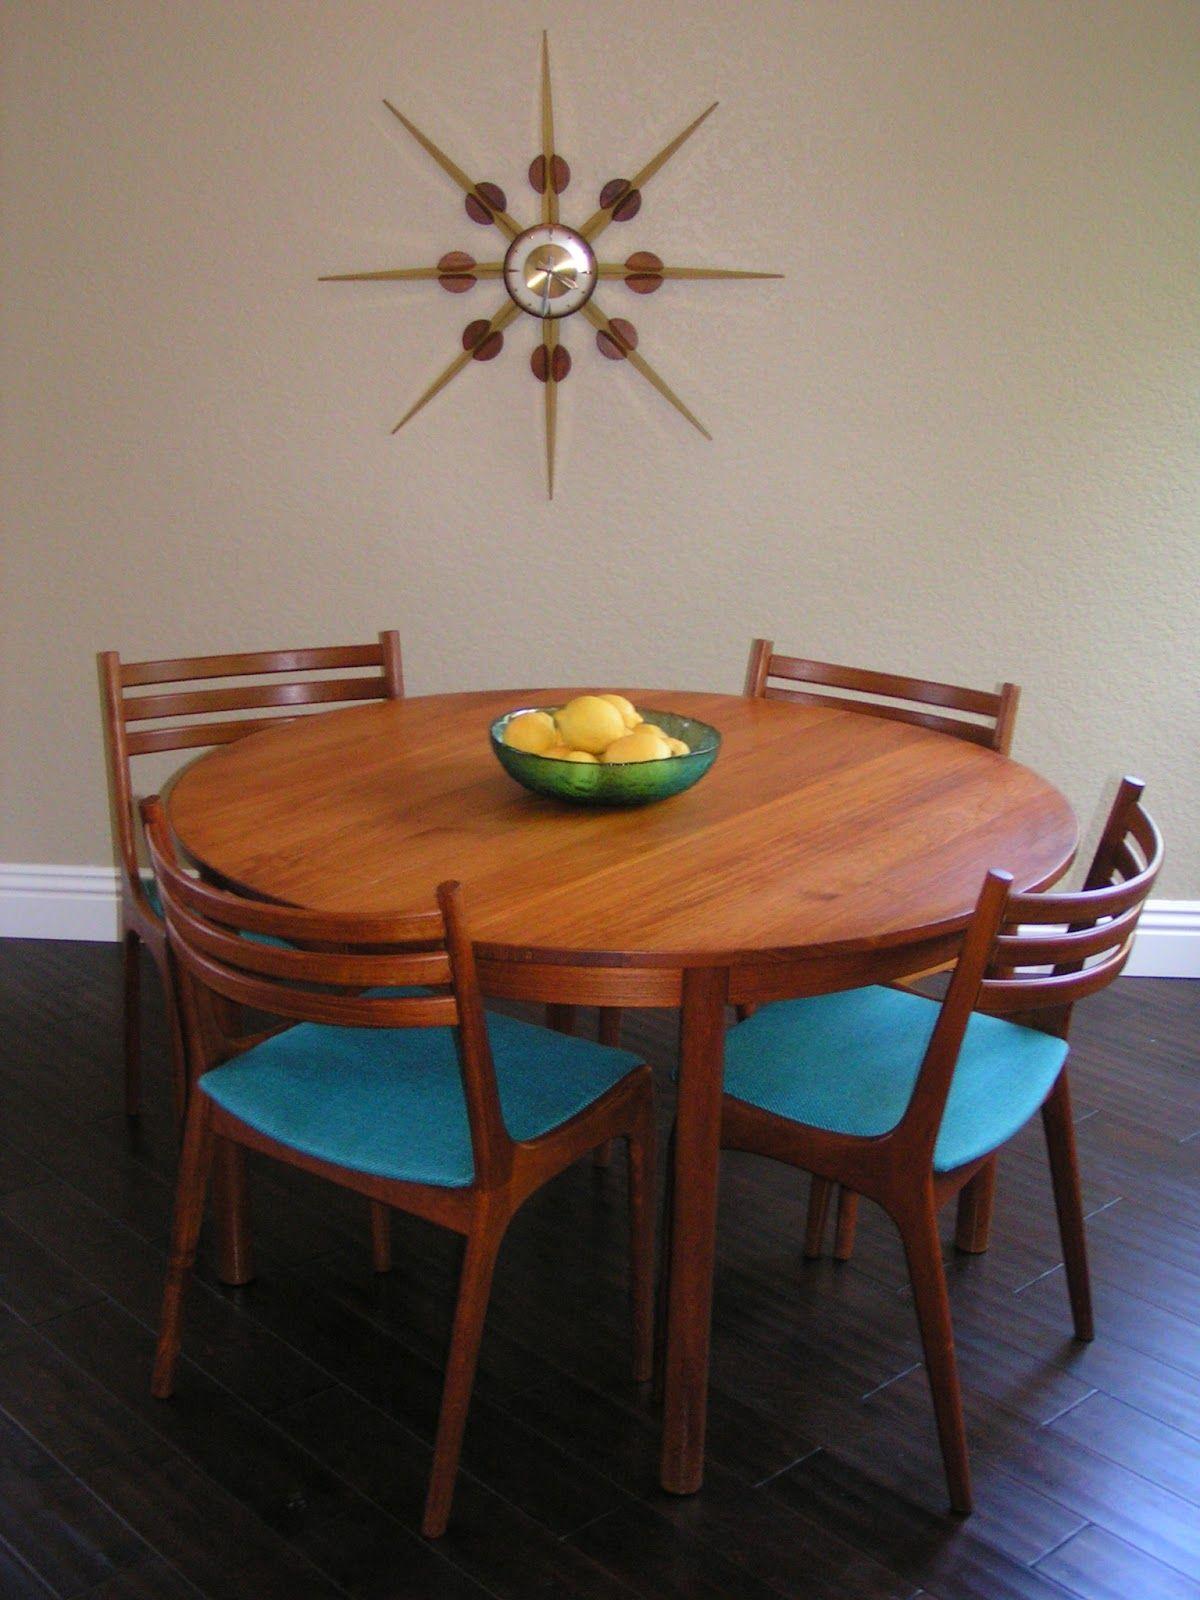 Sleek and simple lines vintage danish teak round dining table six